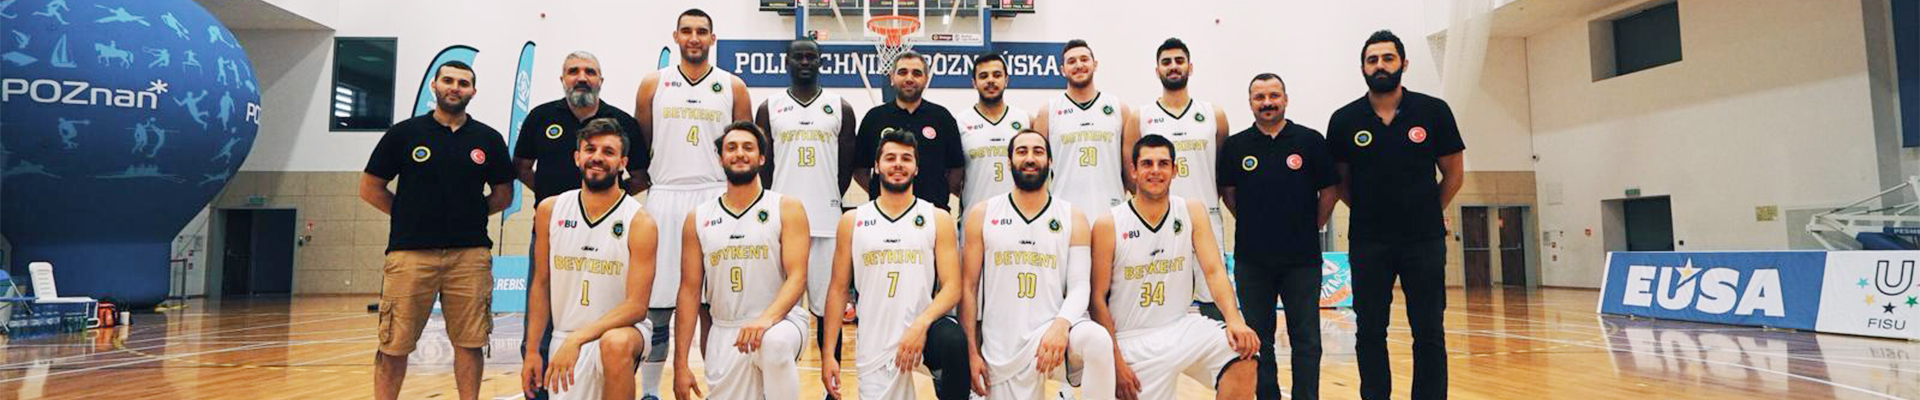 basket-banner